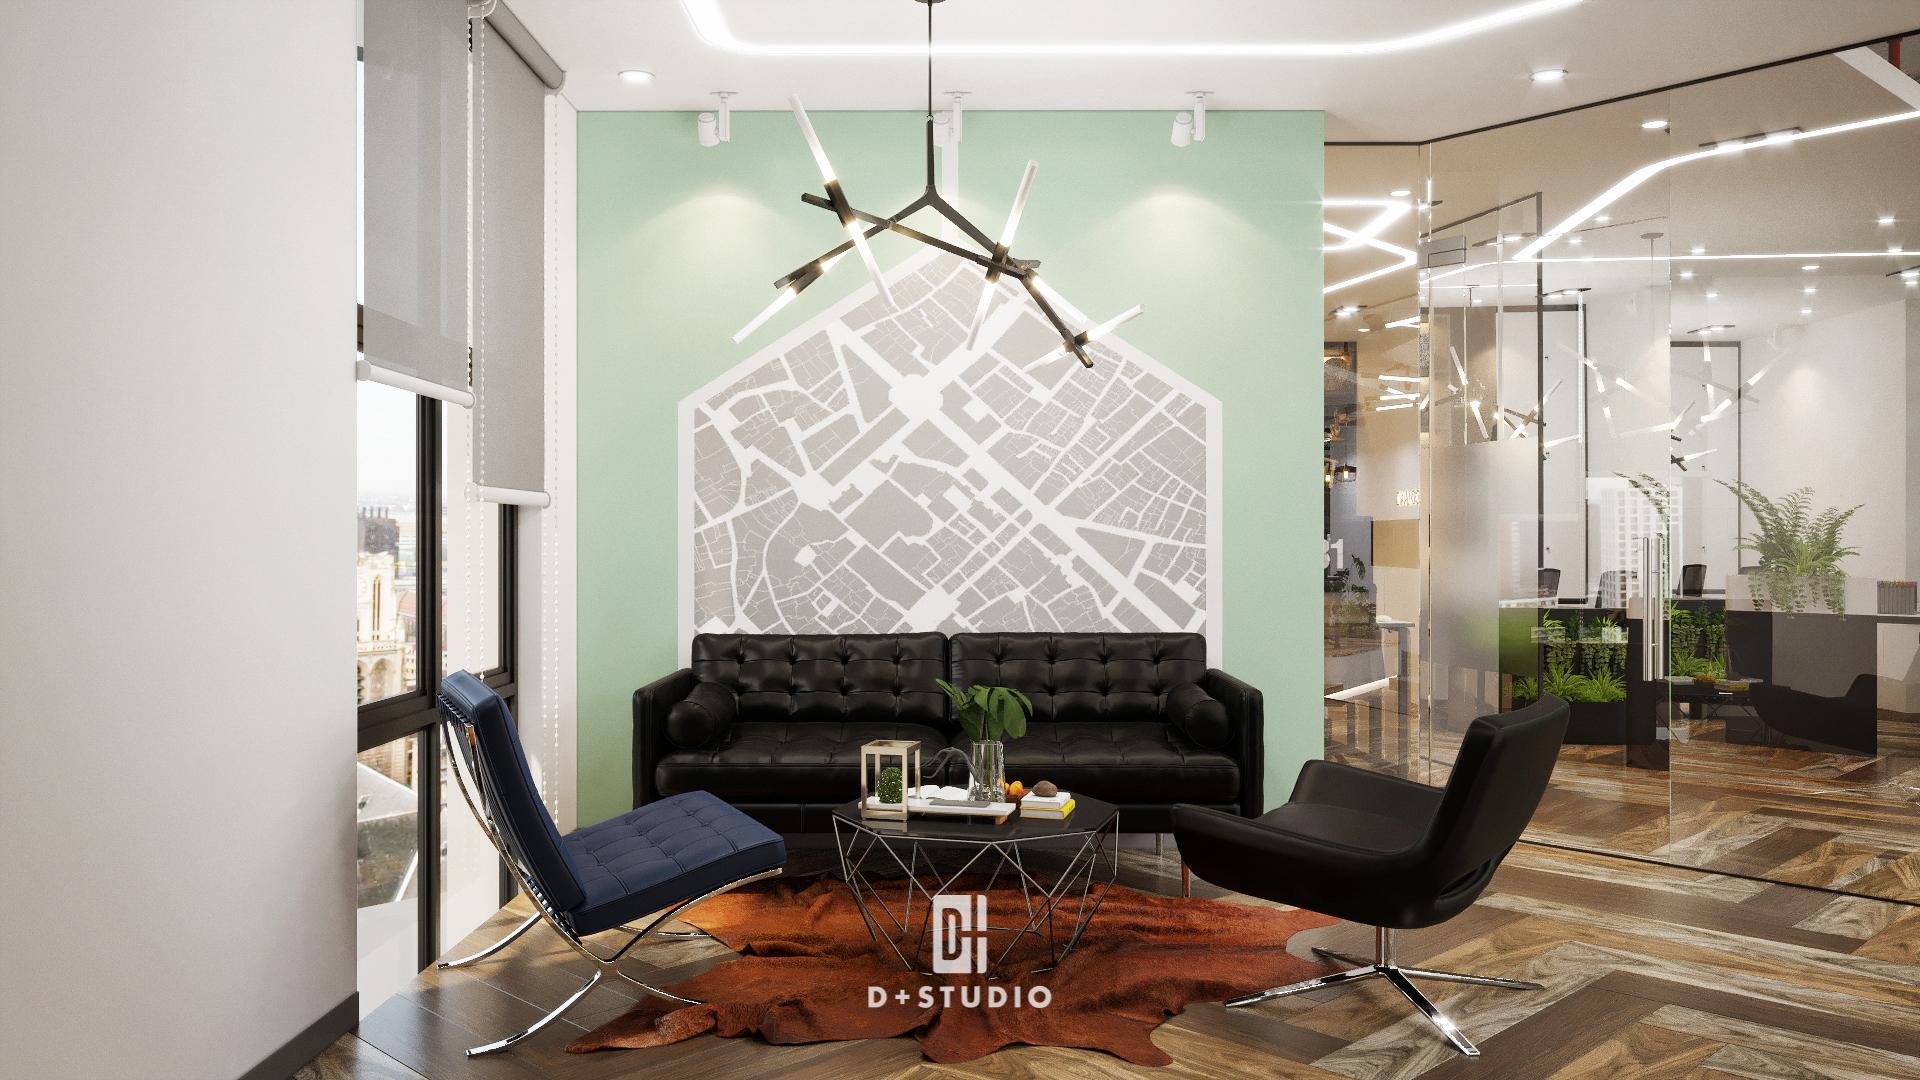 Không gian tiếp khách hàng trở nên thư thái và dễ chịu hơn trong mỗi buổi trò chuyện nhờ sử dụng tông màu xanh lá nhẹ nhàng